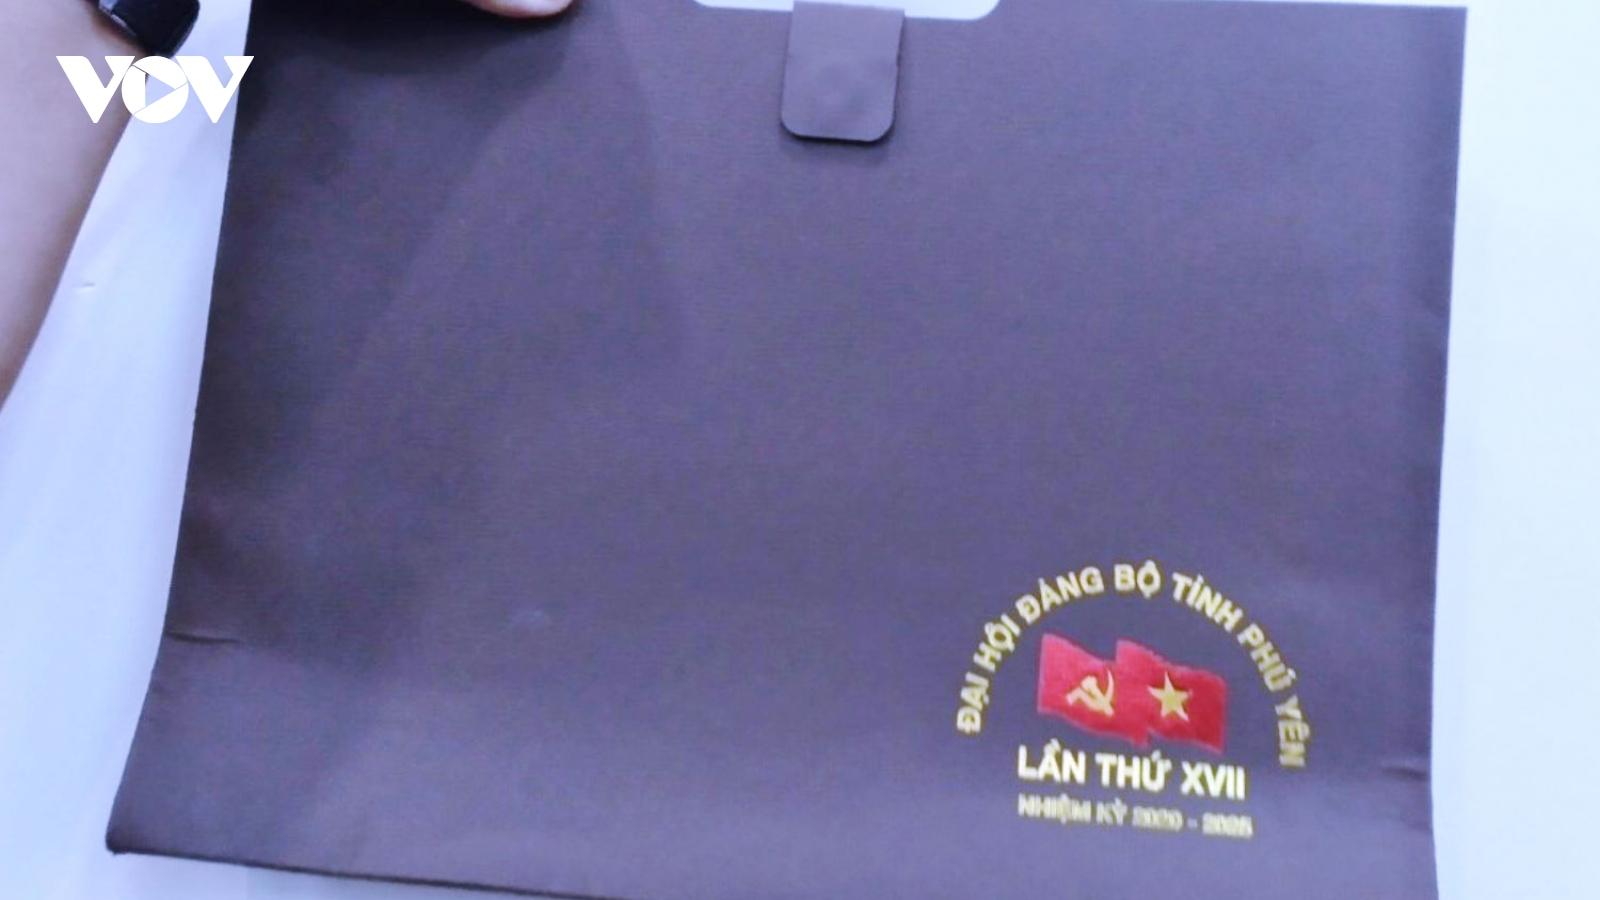 Đại hội Đảng bộ Phú Yên sử dụng cặp giấy, không nhận hoa